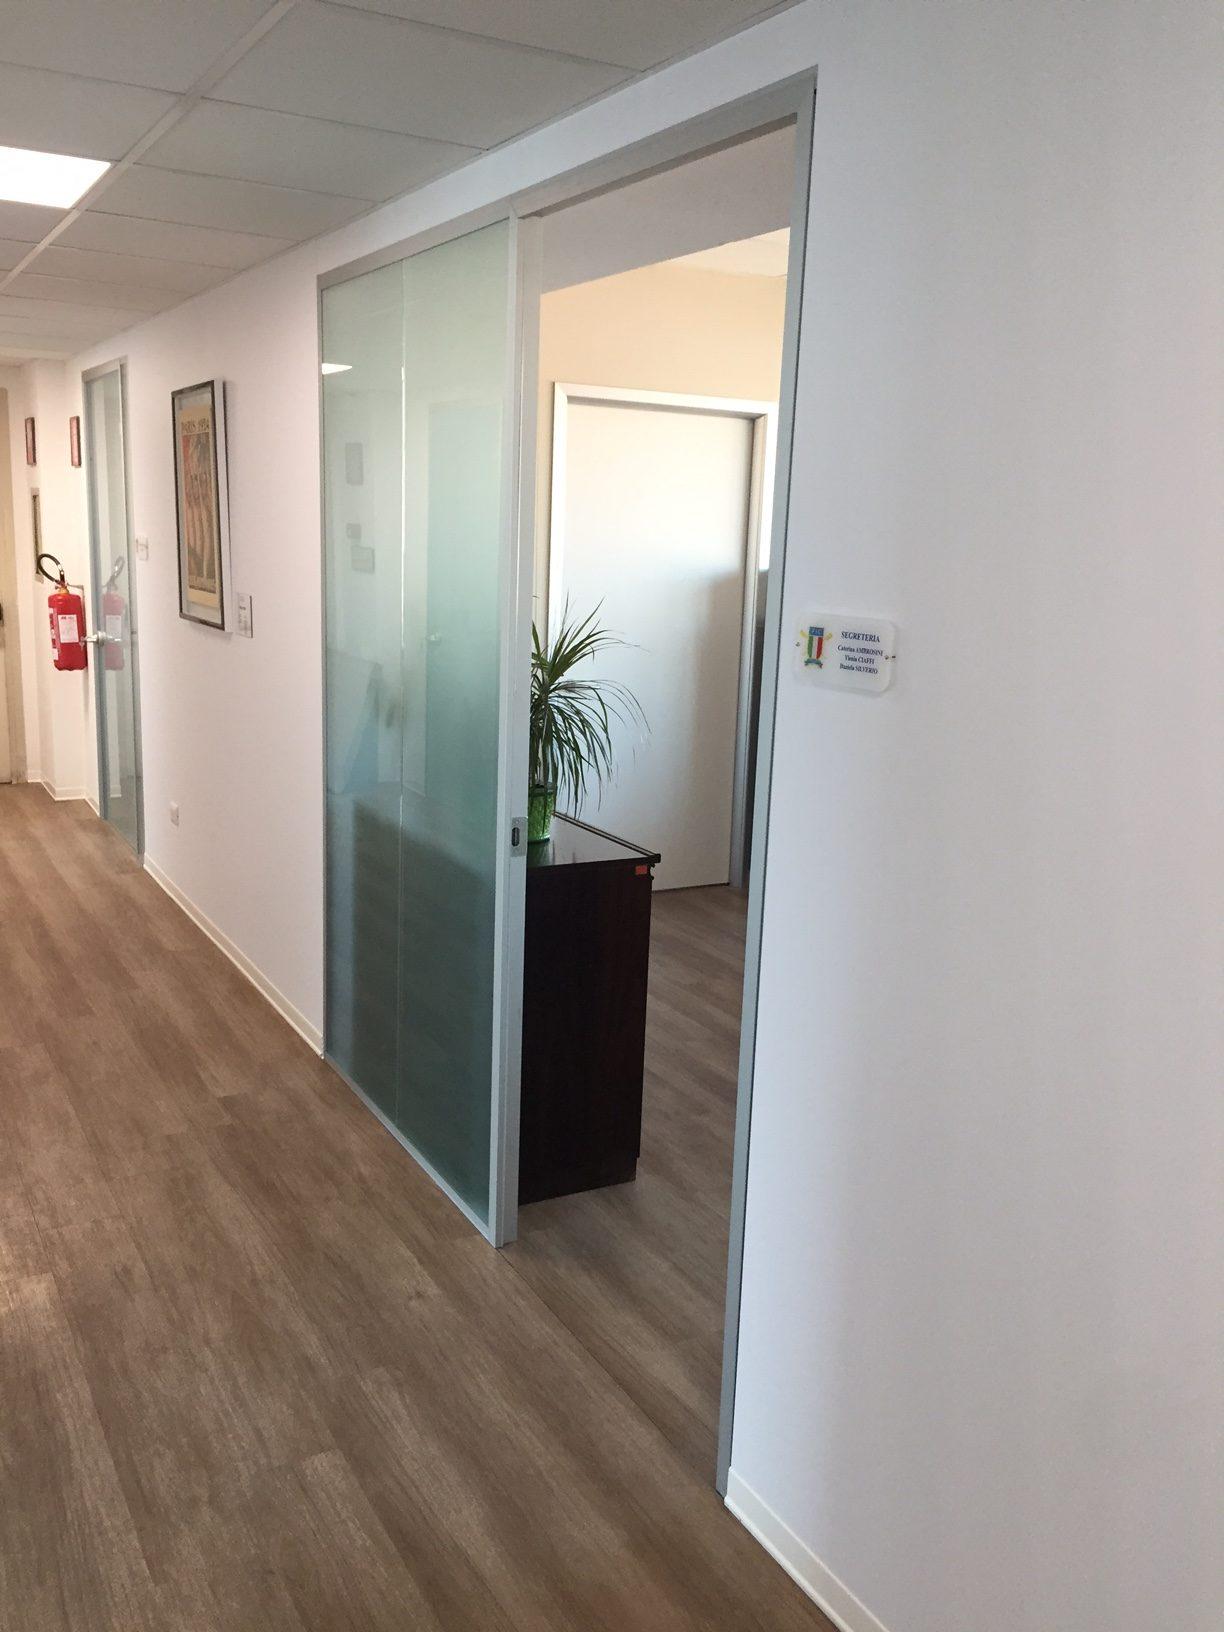 Pareti mobili fic roma sistema ufficio for Mobili ufficio roma